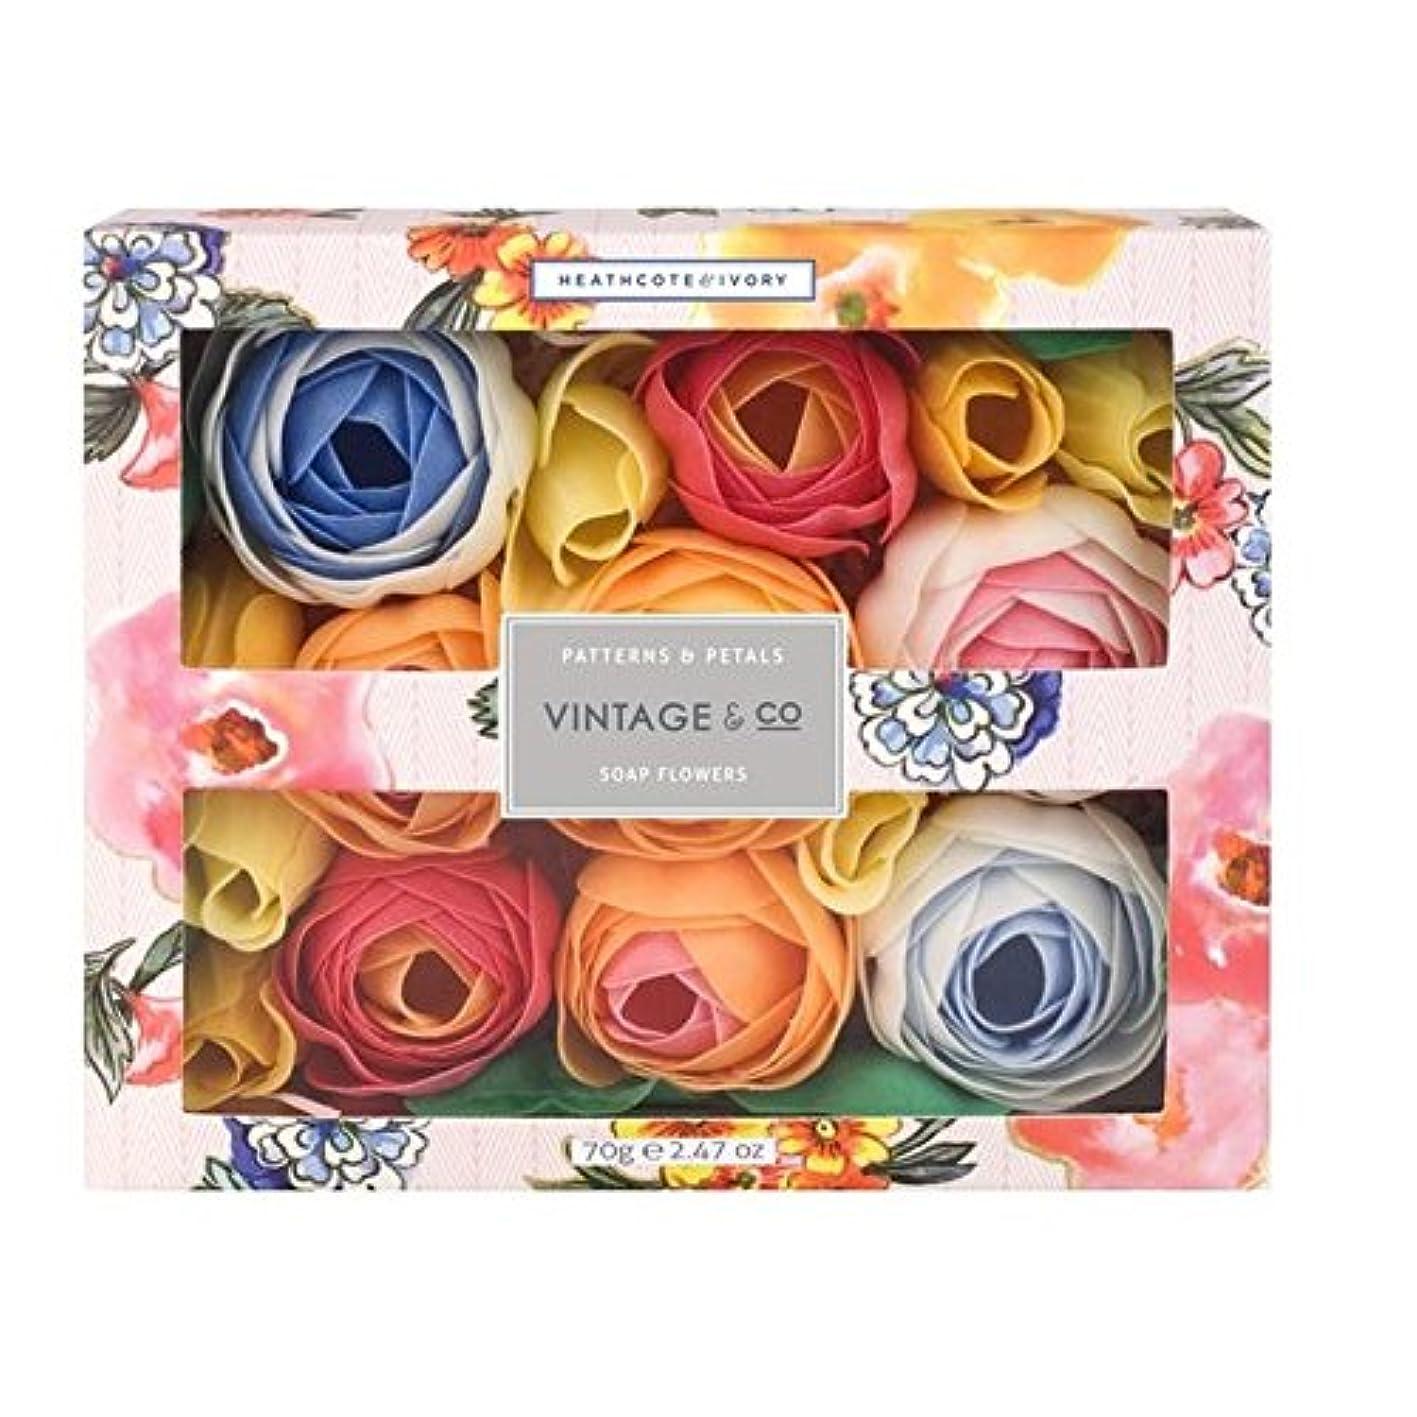 強い切るミニチュアヒースコート&アイボリーパターン&花びら石鹸の花70グラム x2 - Heathcote & Ivory Patterns & Petals Soap Flowers 70g (Pack of 2) [並行輸入品]